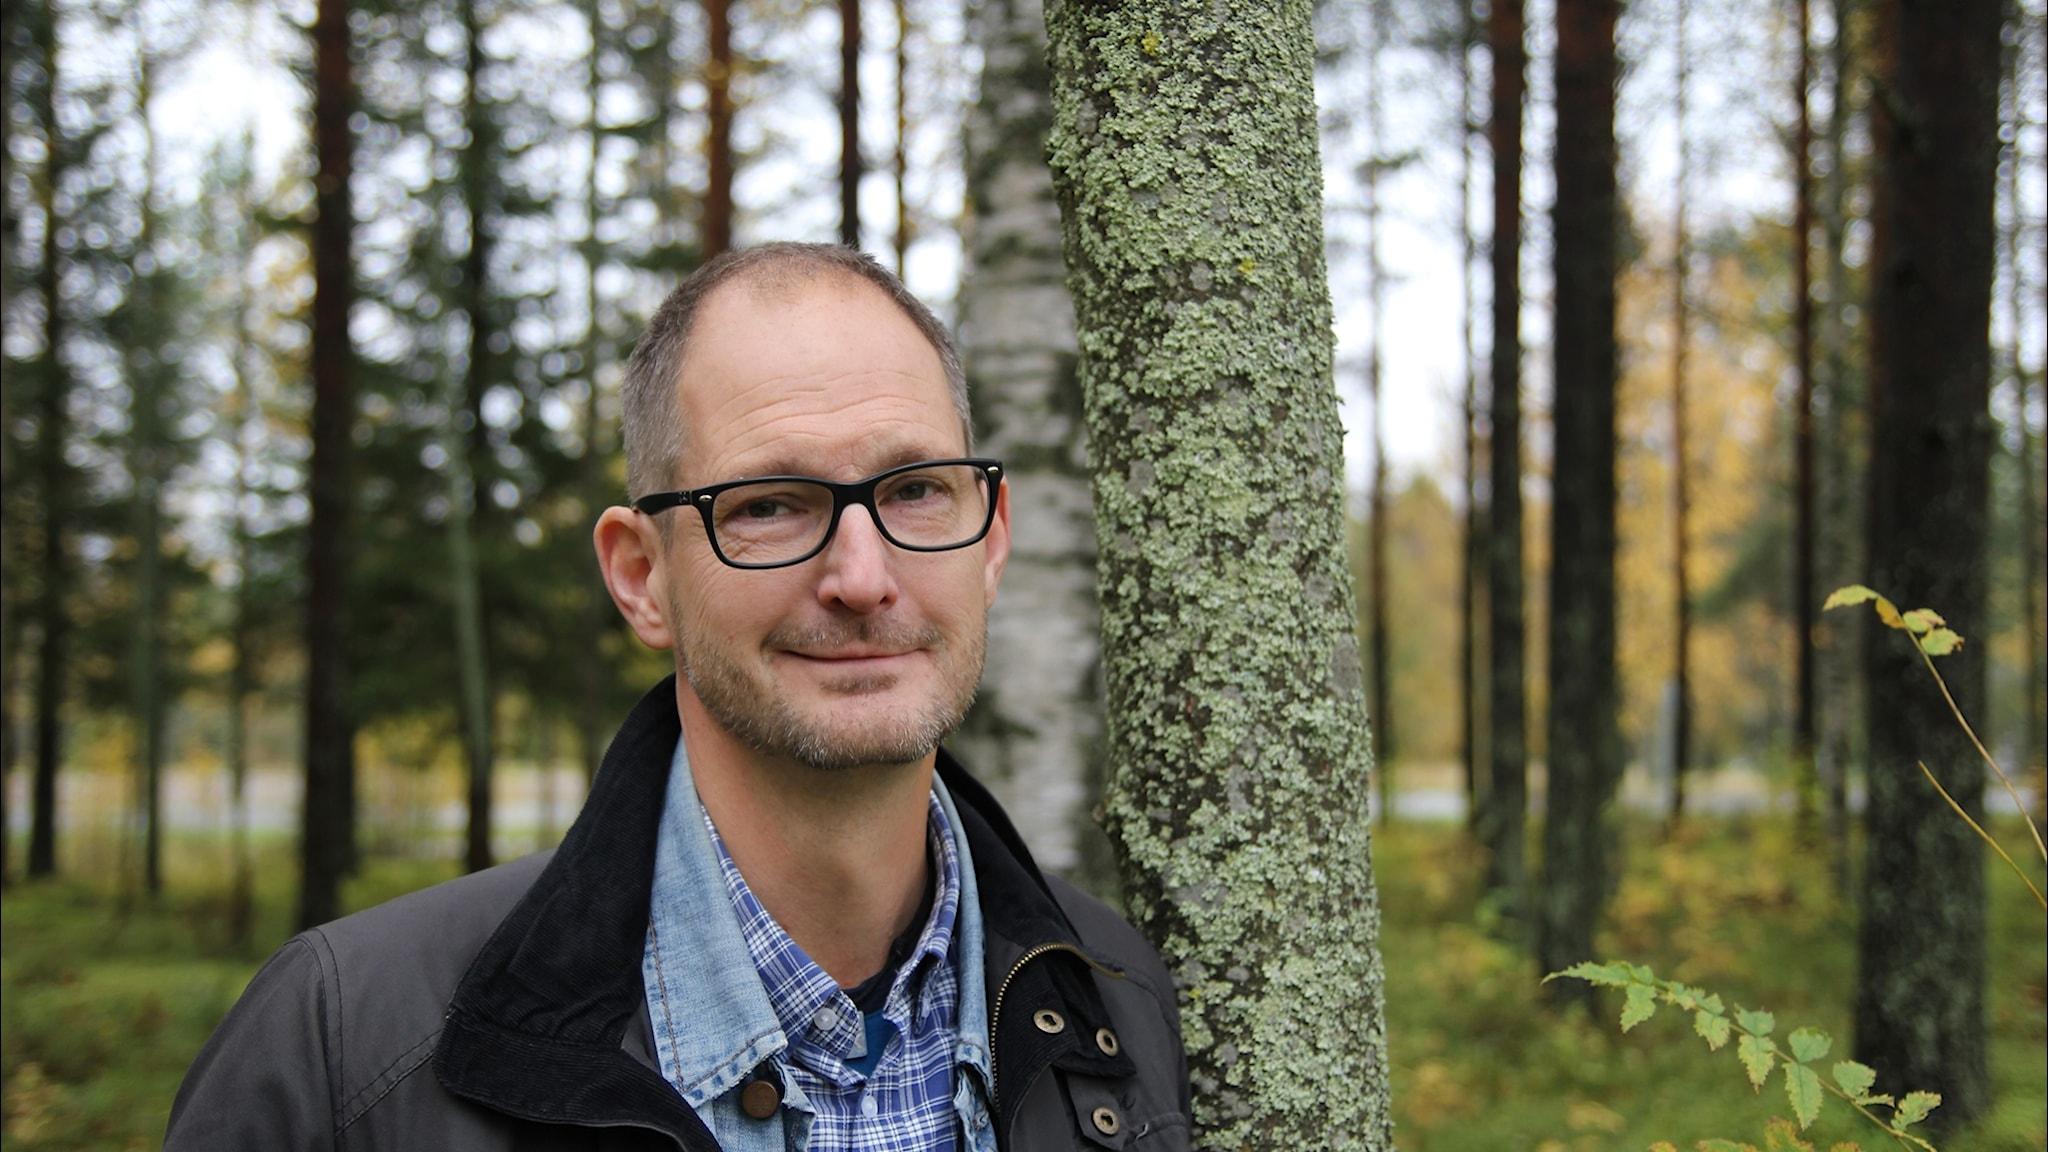 Ett vidöppet ögonblick - Mattias Hjalmarsson